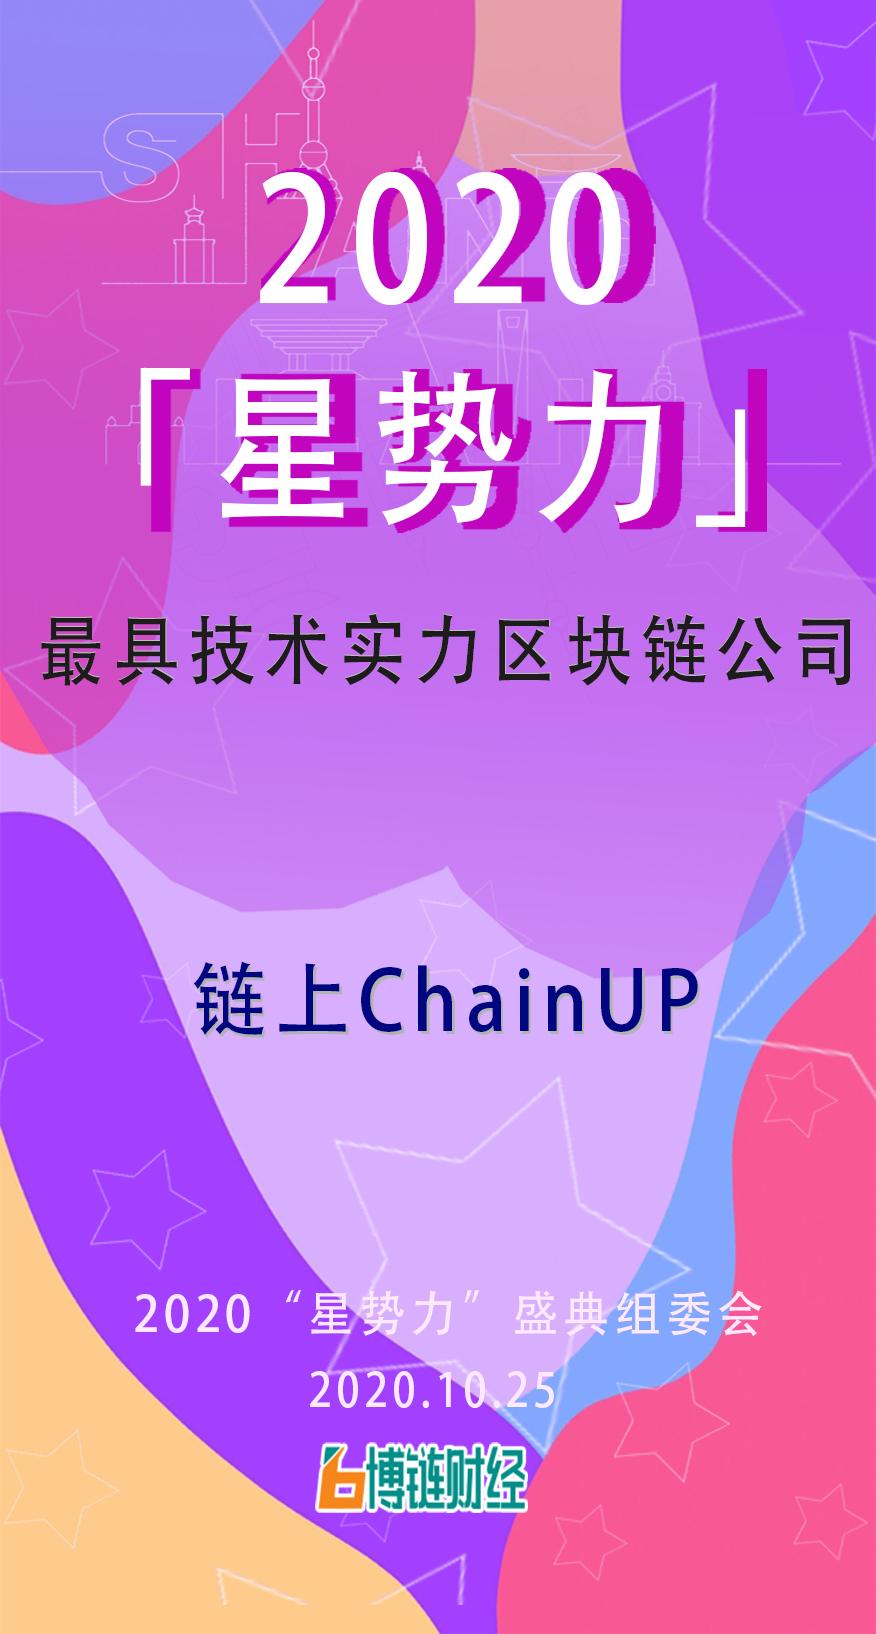 链上ChainUP.jpg